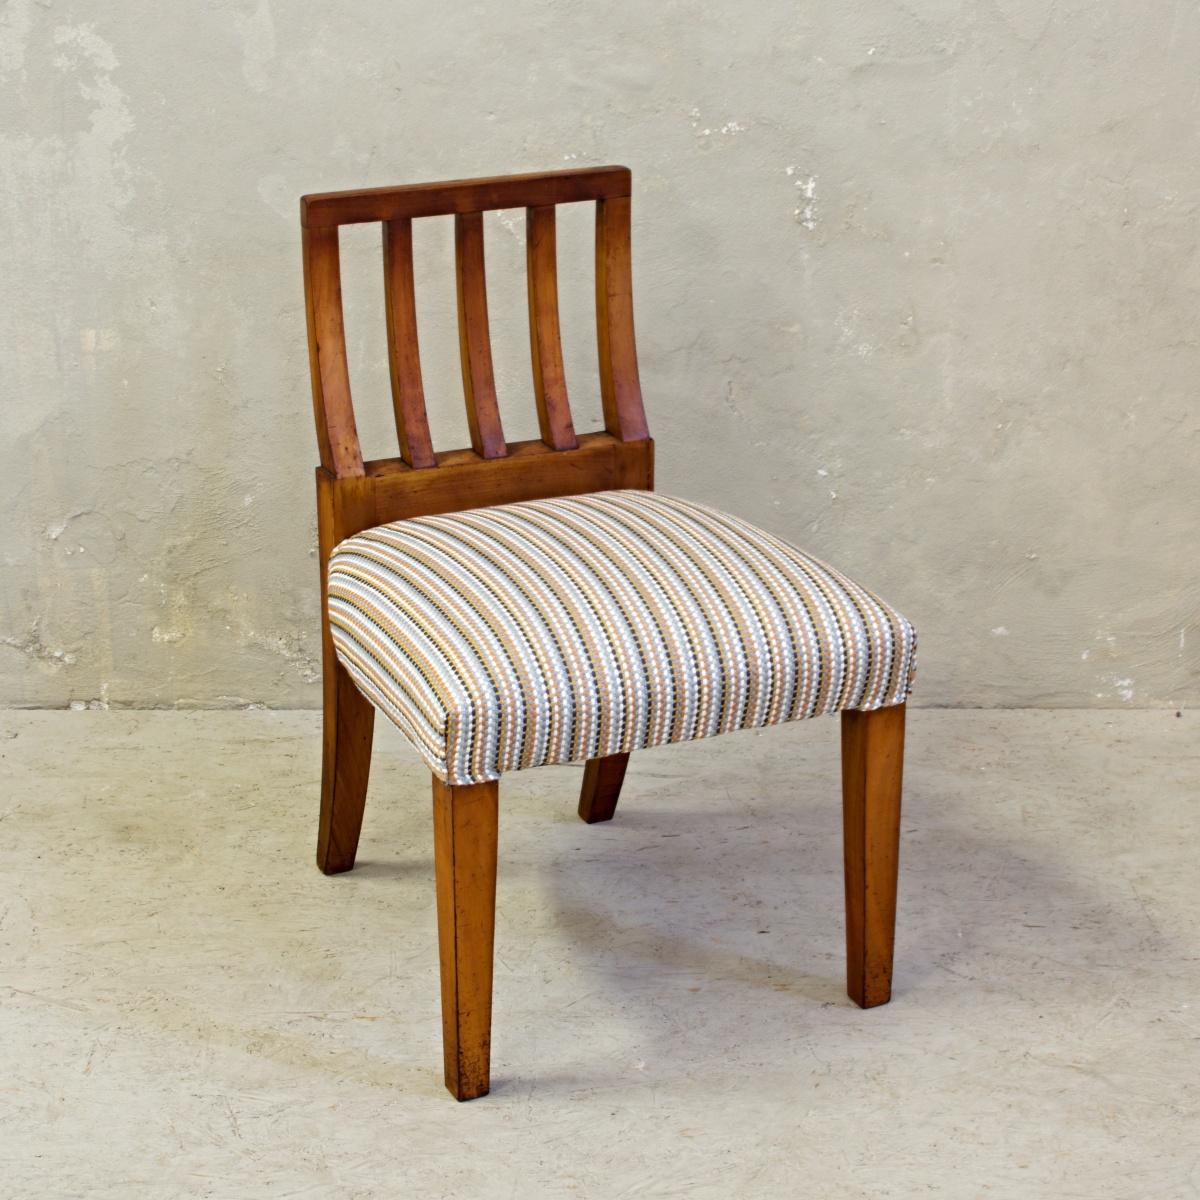 Vintage předsíňová stolička po celkové renovaci